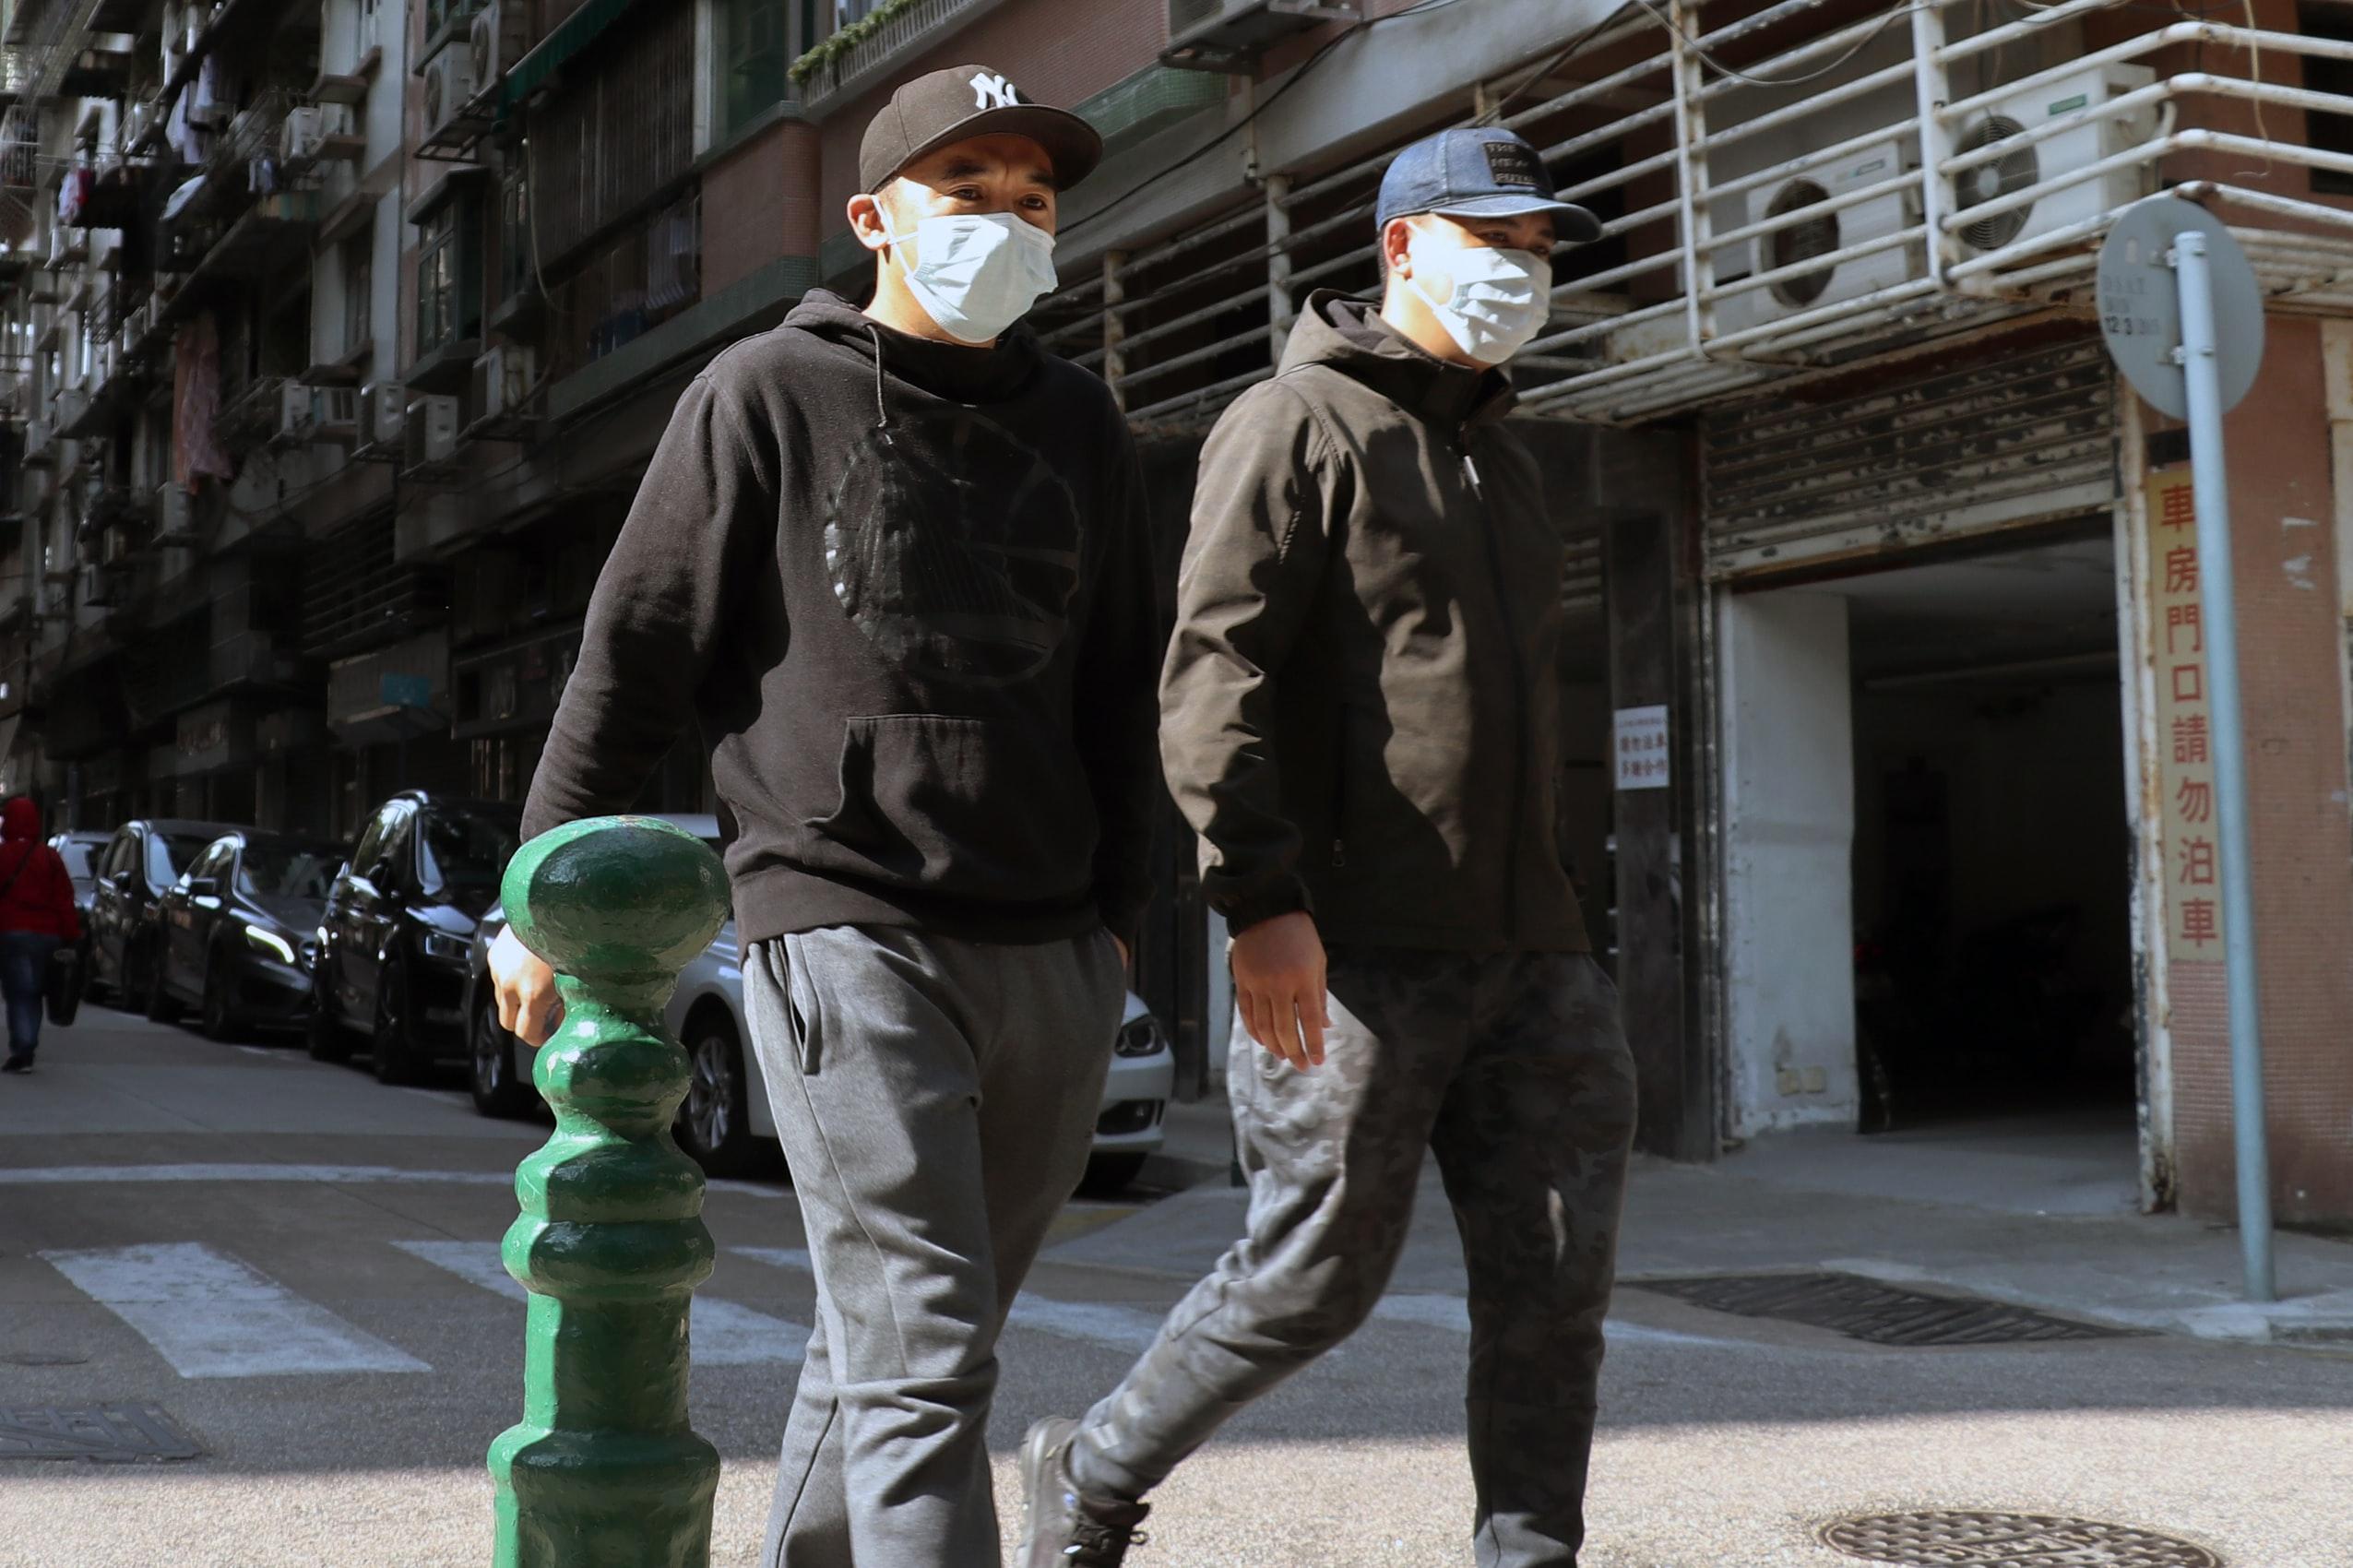 StopCovid, comment la data peut lutter contre l'épidémie ? 1